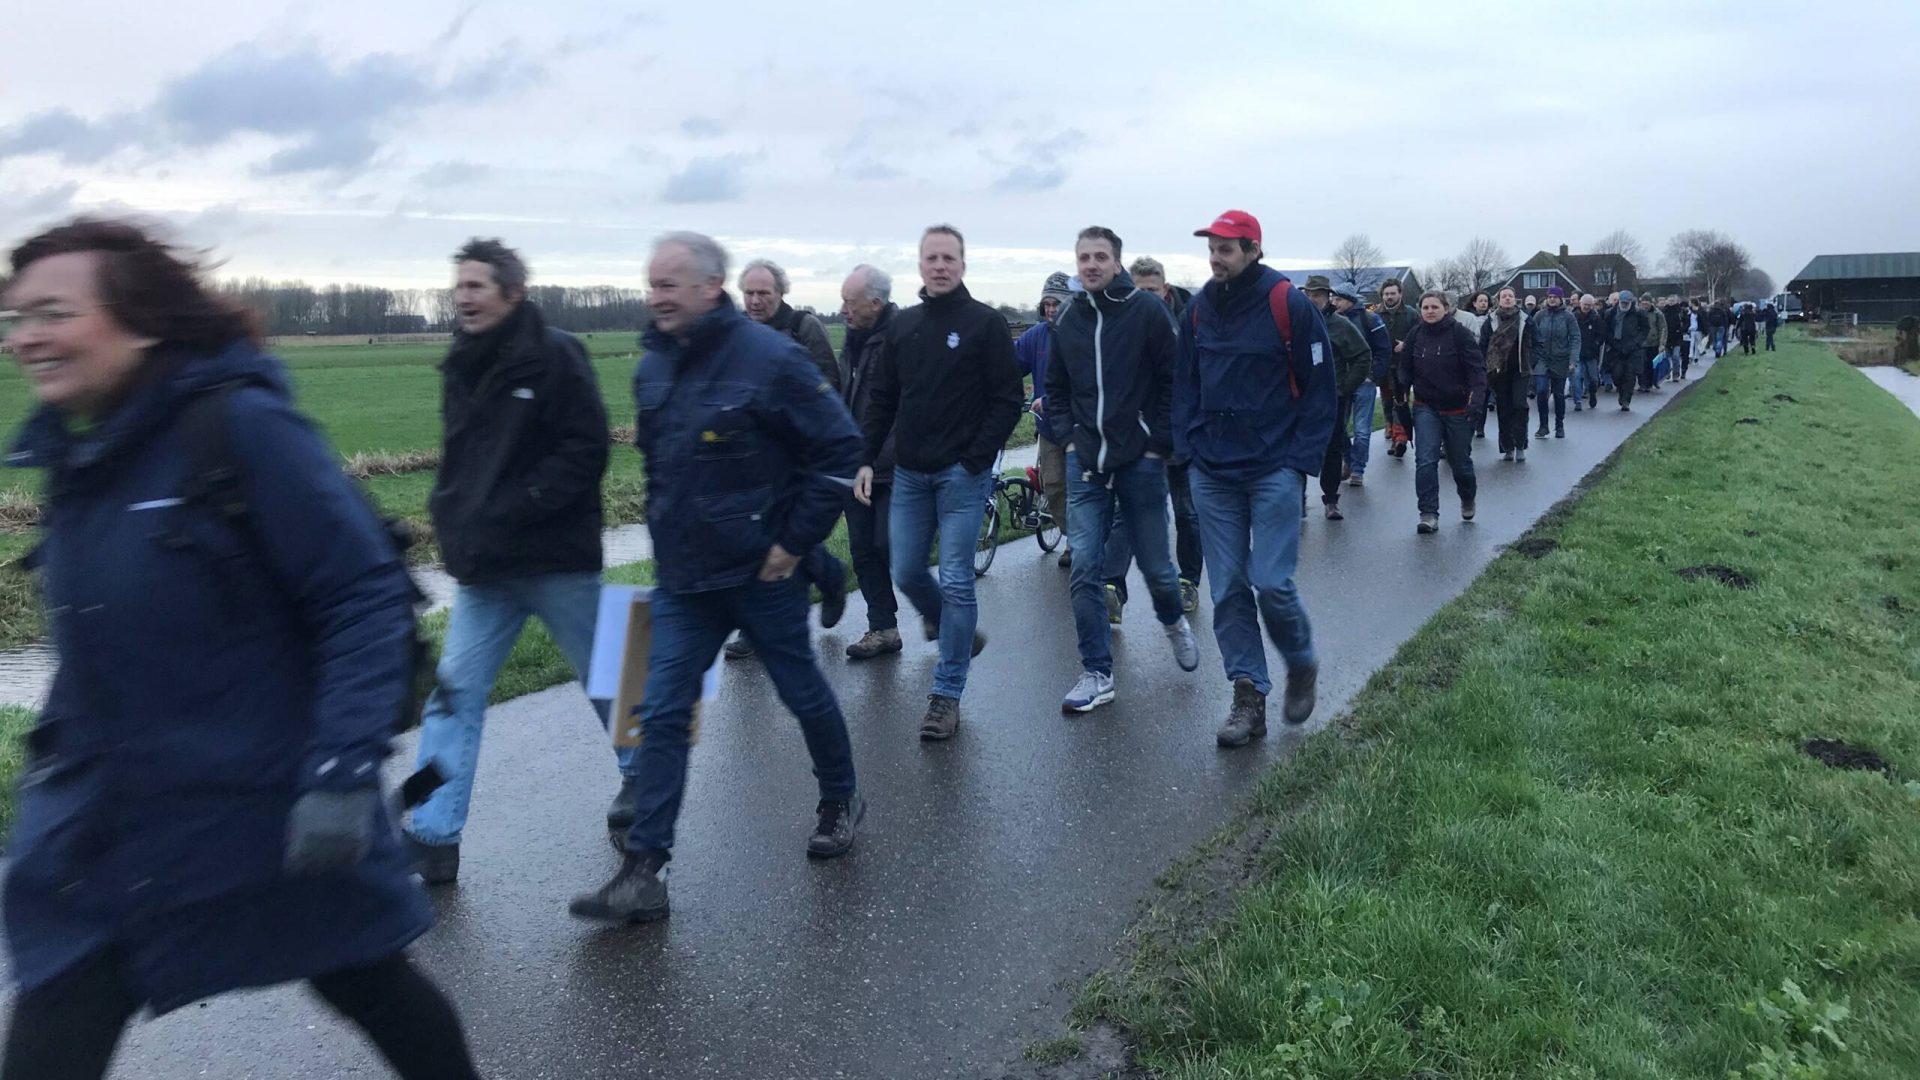 9 Geert van der Veer van Herenboeren Nederland loopt mee in Kring Loop